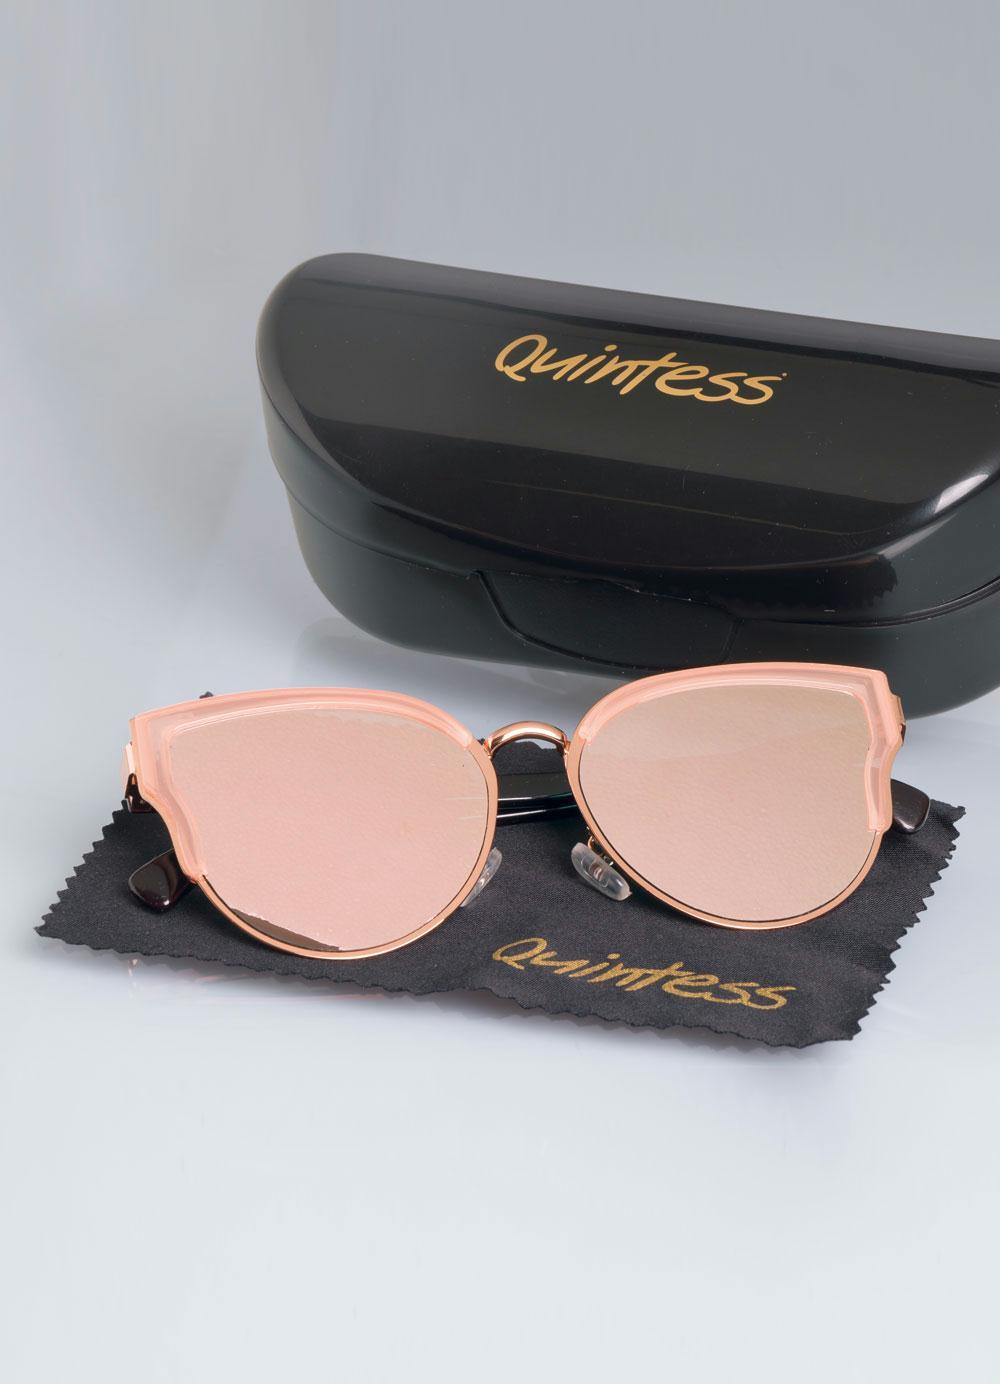 b2d4a7c2c Óculos Espelhado Rosê e Dourado Quintess - Quintess